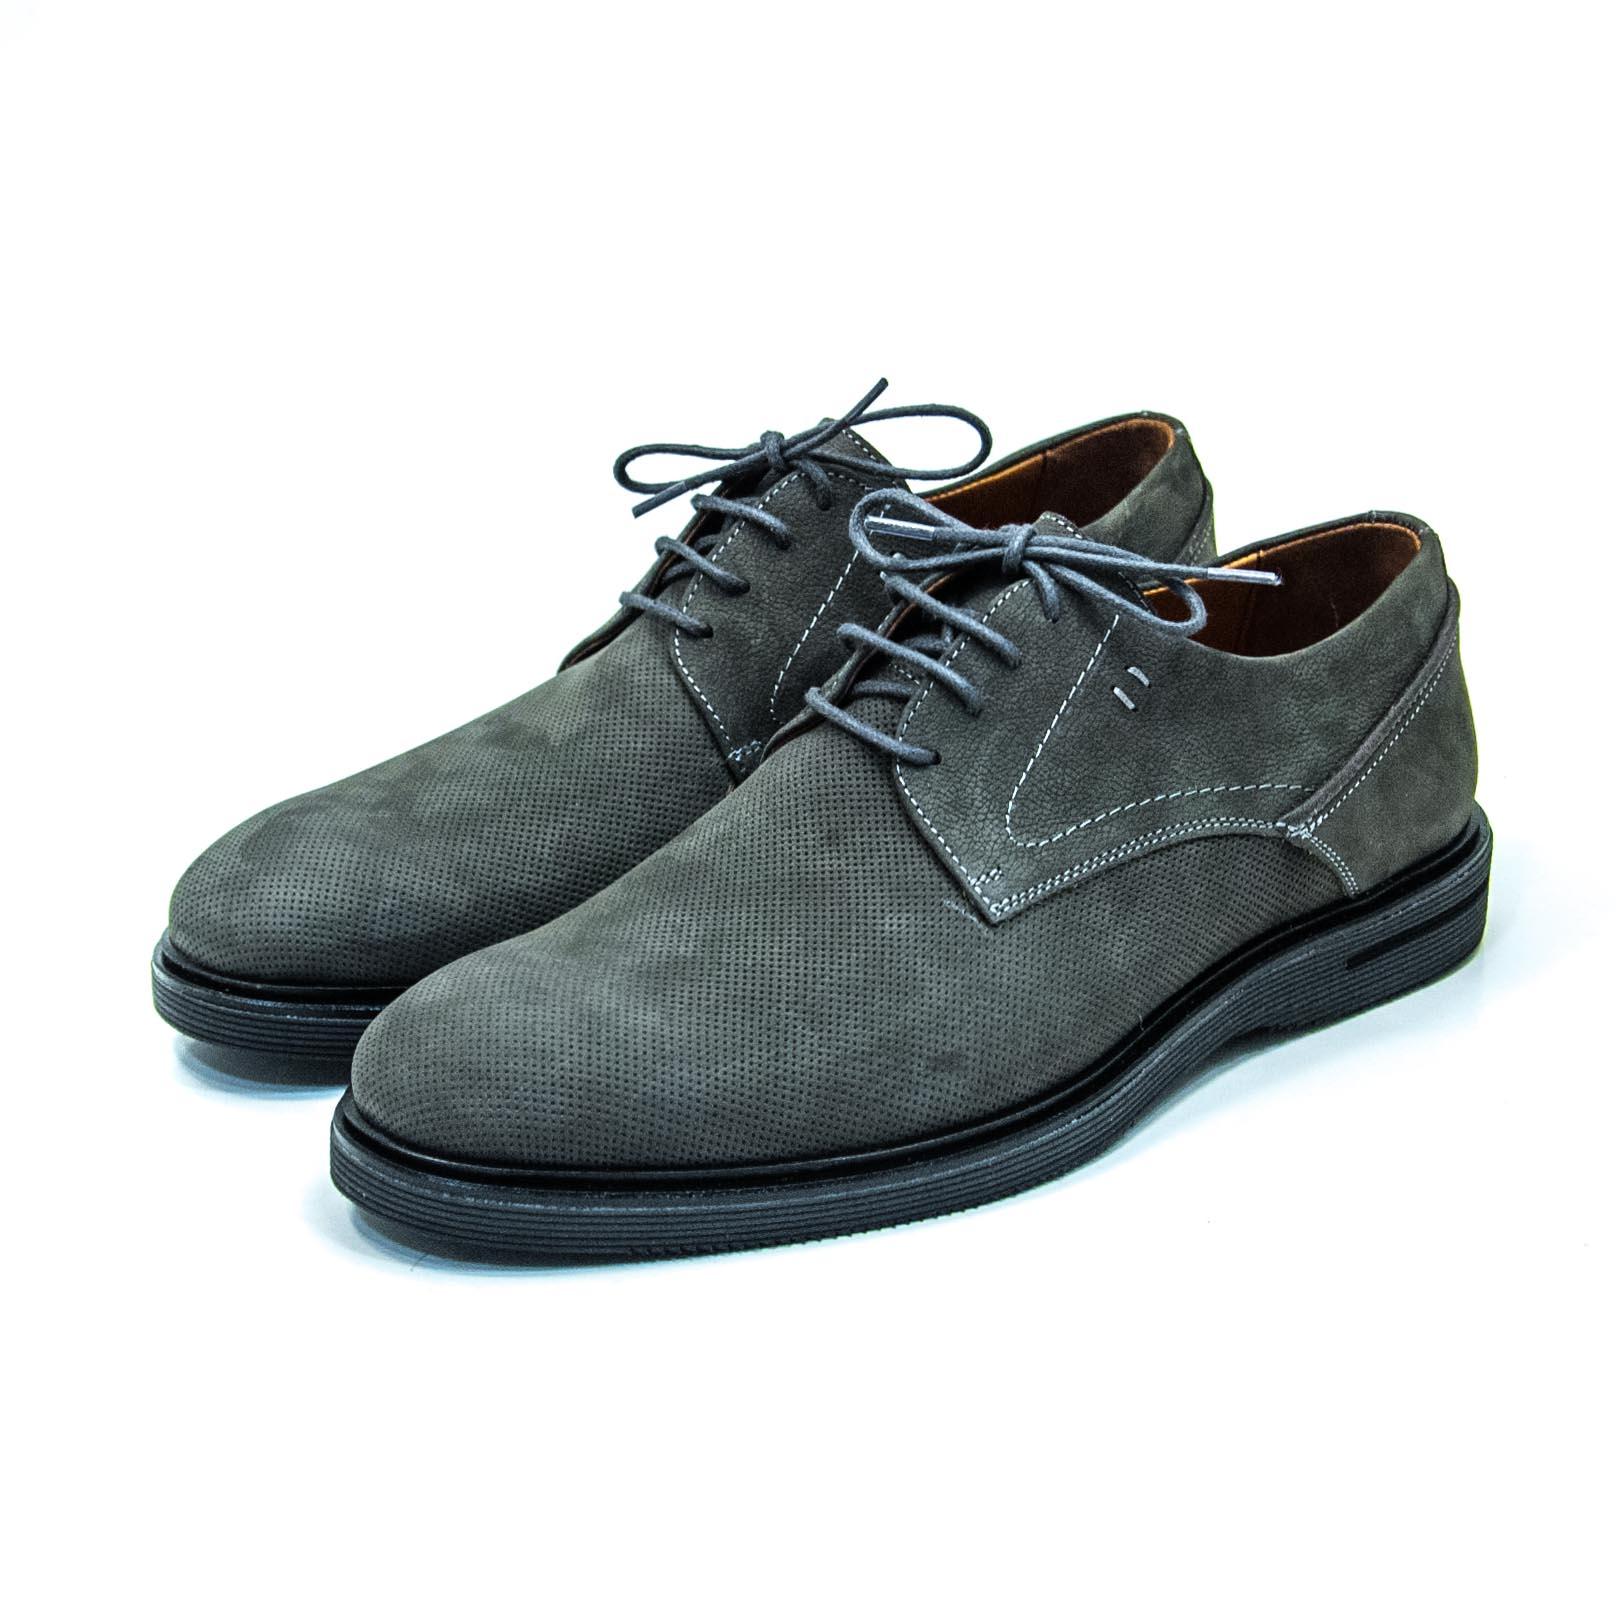 Αντρικό παπούτσι DAMIANI 2300